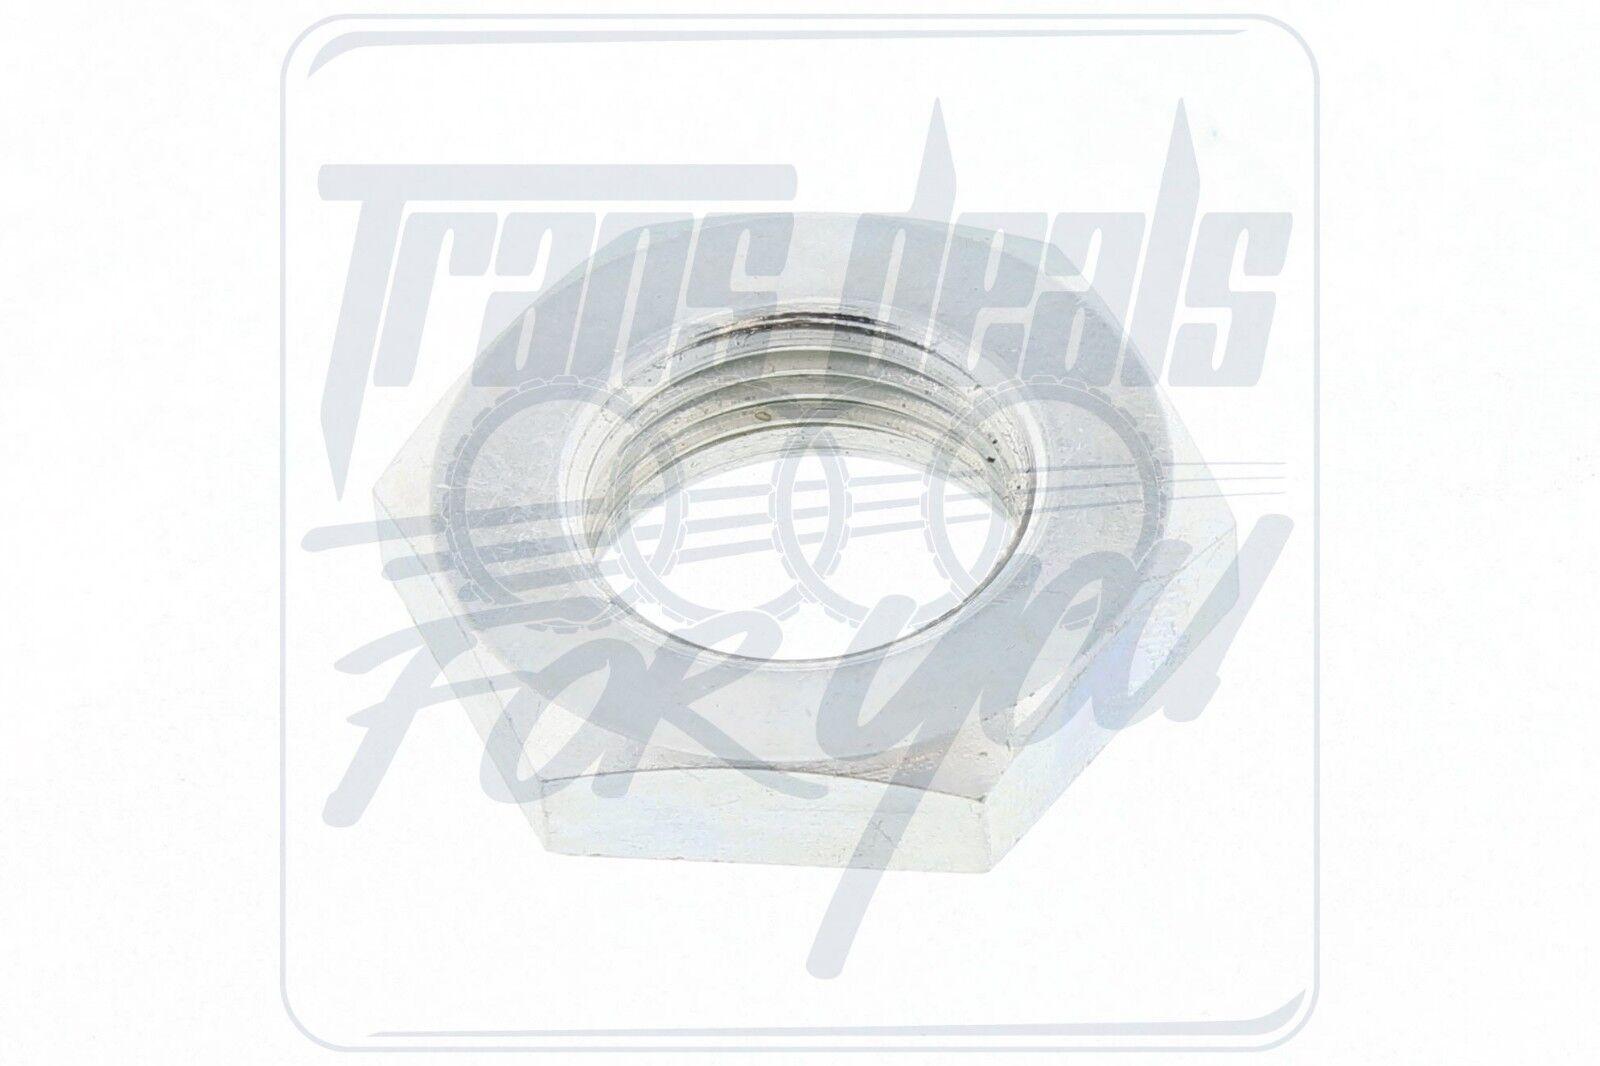 mazda m5od-r1hd transmission